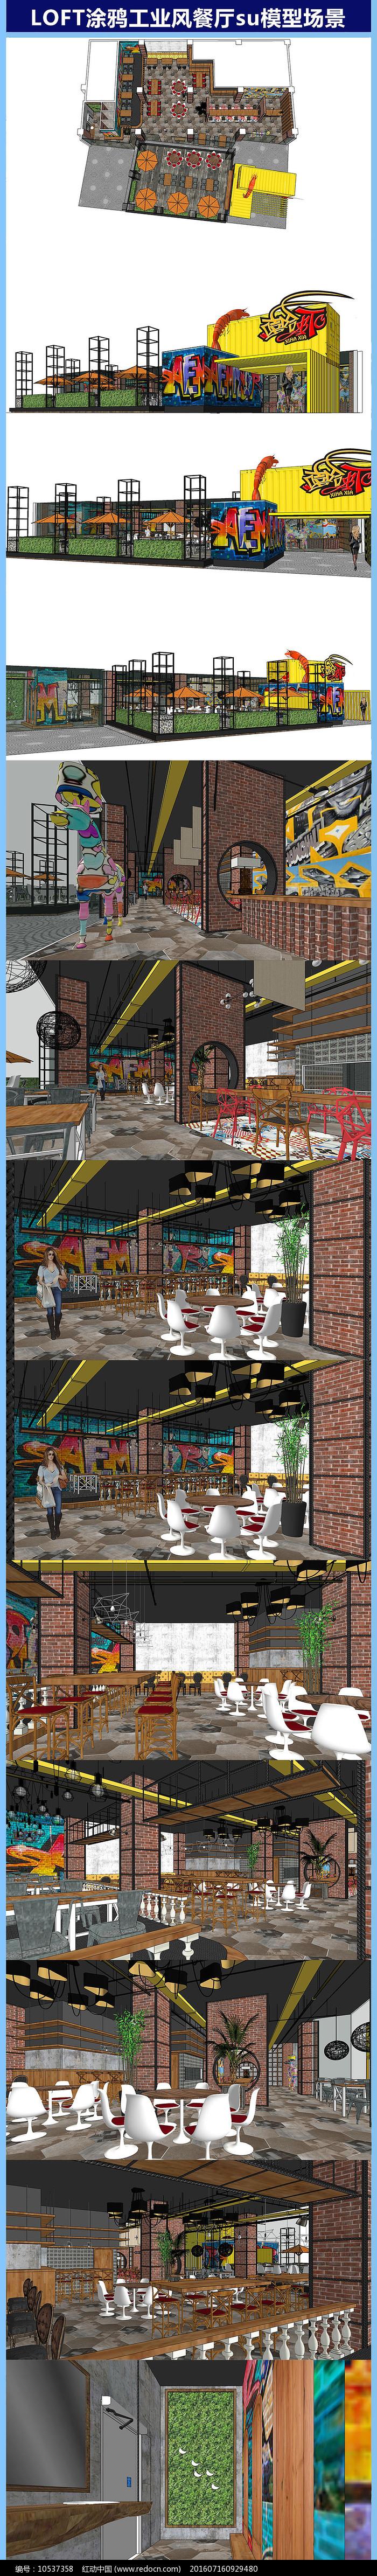 LOFT涂鸦工业风餐厅su模型场景图片